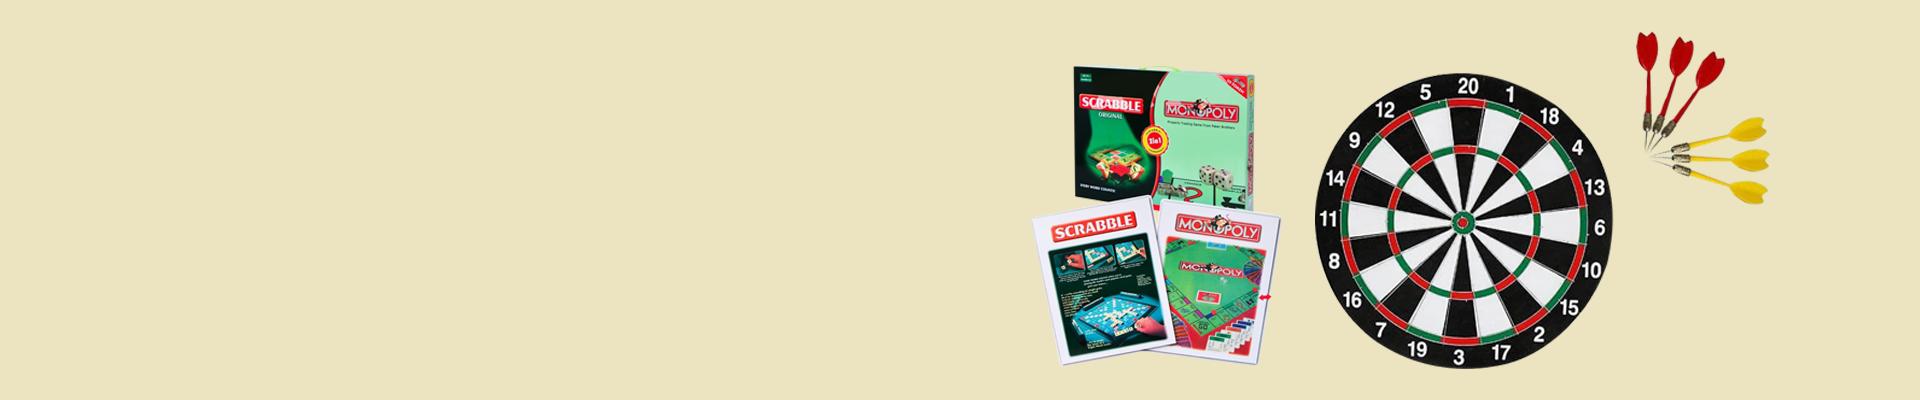 Jual Board Game Online - Terbaik & Terlengkap